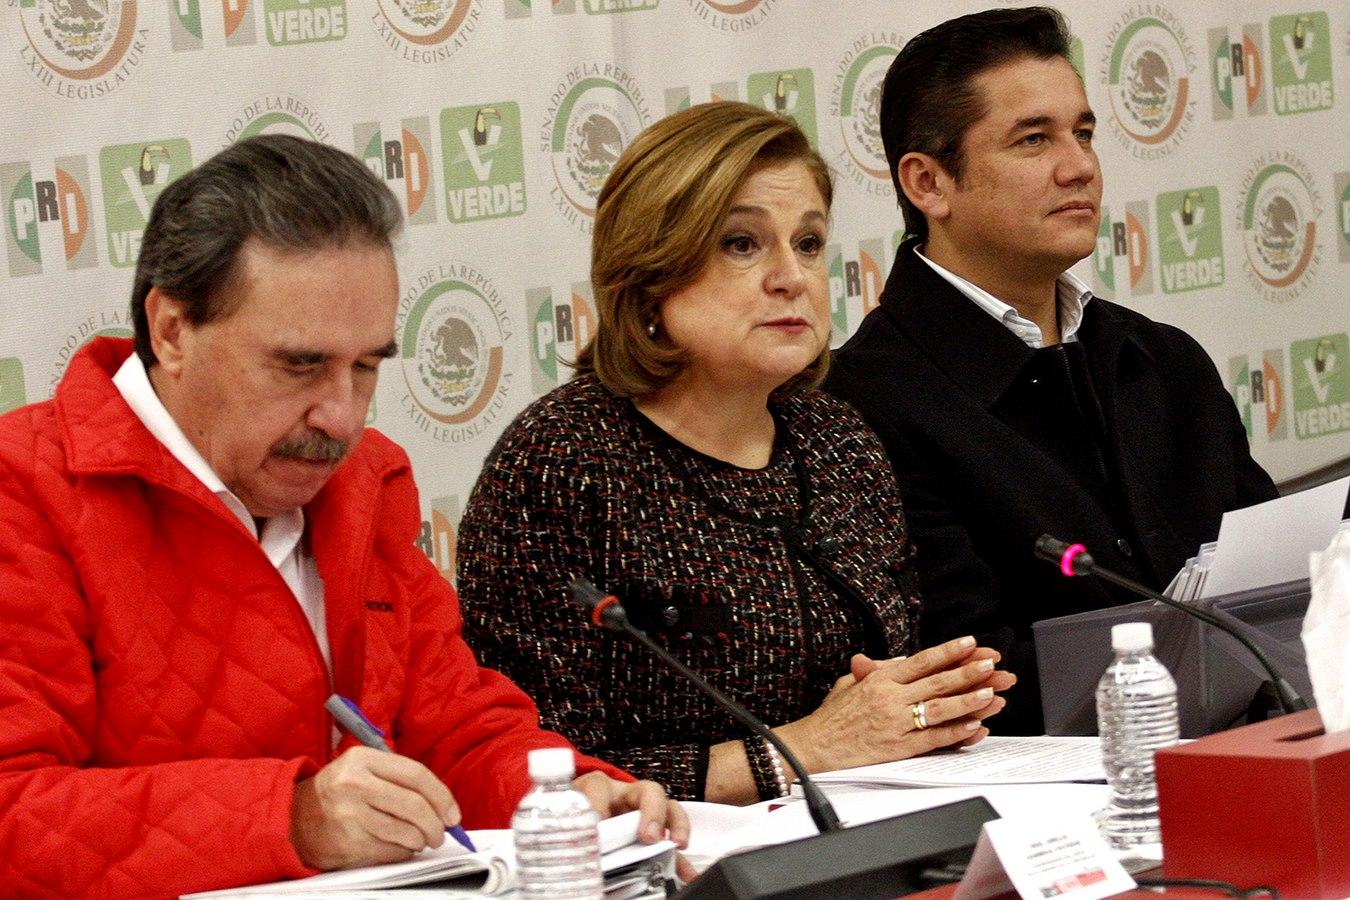 MÉXICO, D.F., 28ENERO2016.- La procuradora Arely Gómez se reunió con senadores del PRI, encabezados por su coordinador Emilio Gamboa Patrón, durante la reunión plenaria en el Senado de la República. FOTO: ISAAC ESQUIVEL /CUARTOSCURO.COM